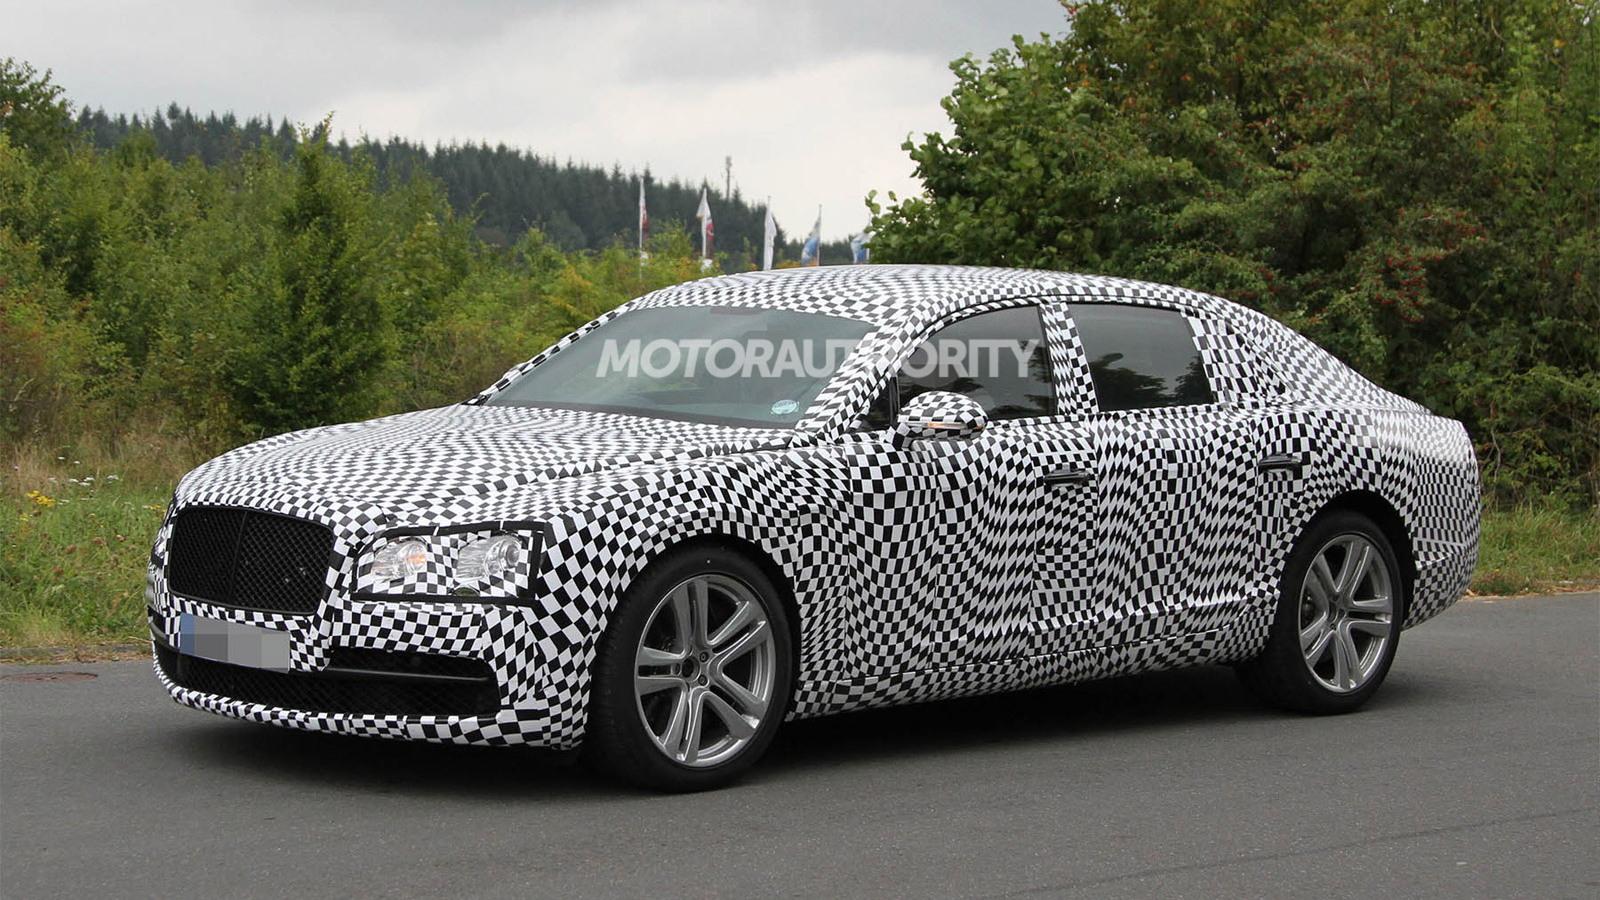 2014 Bentley Continental Flying Spur V8 spy shots